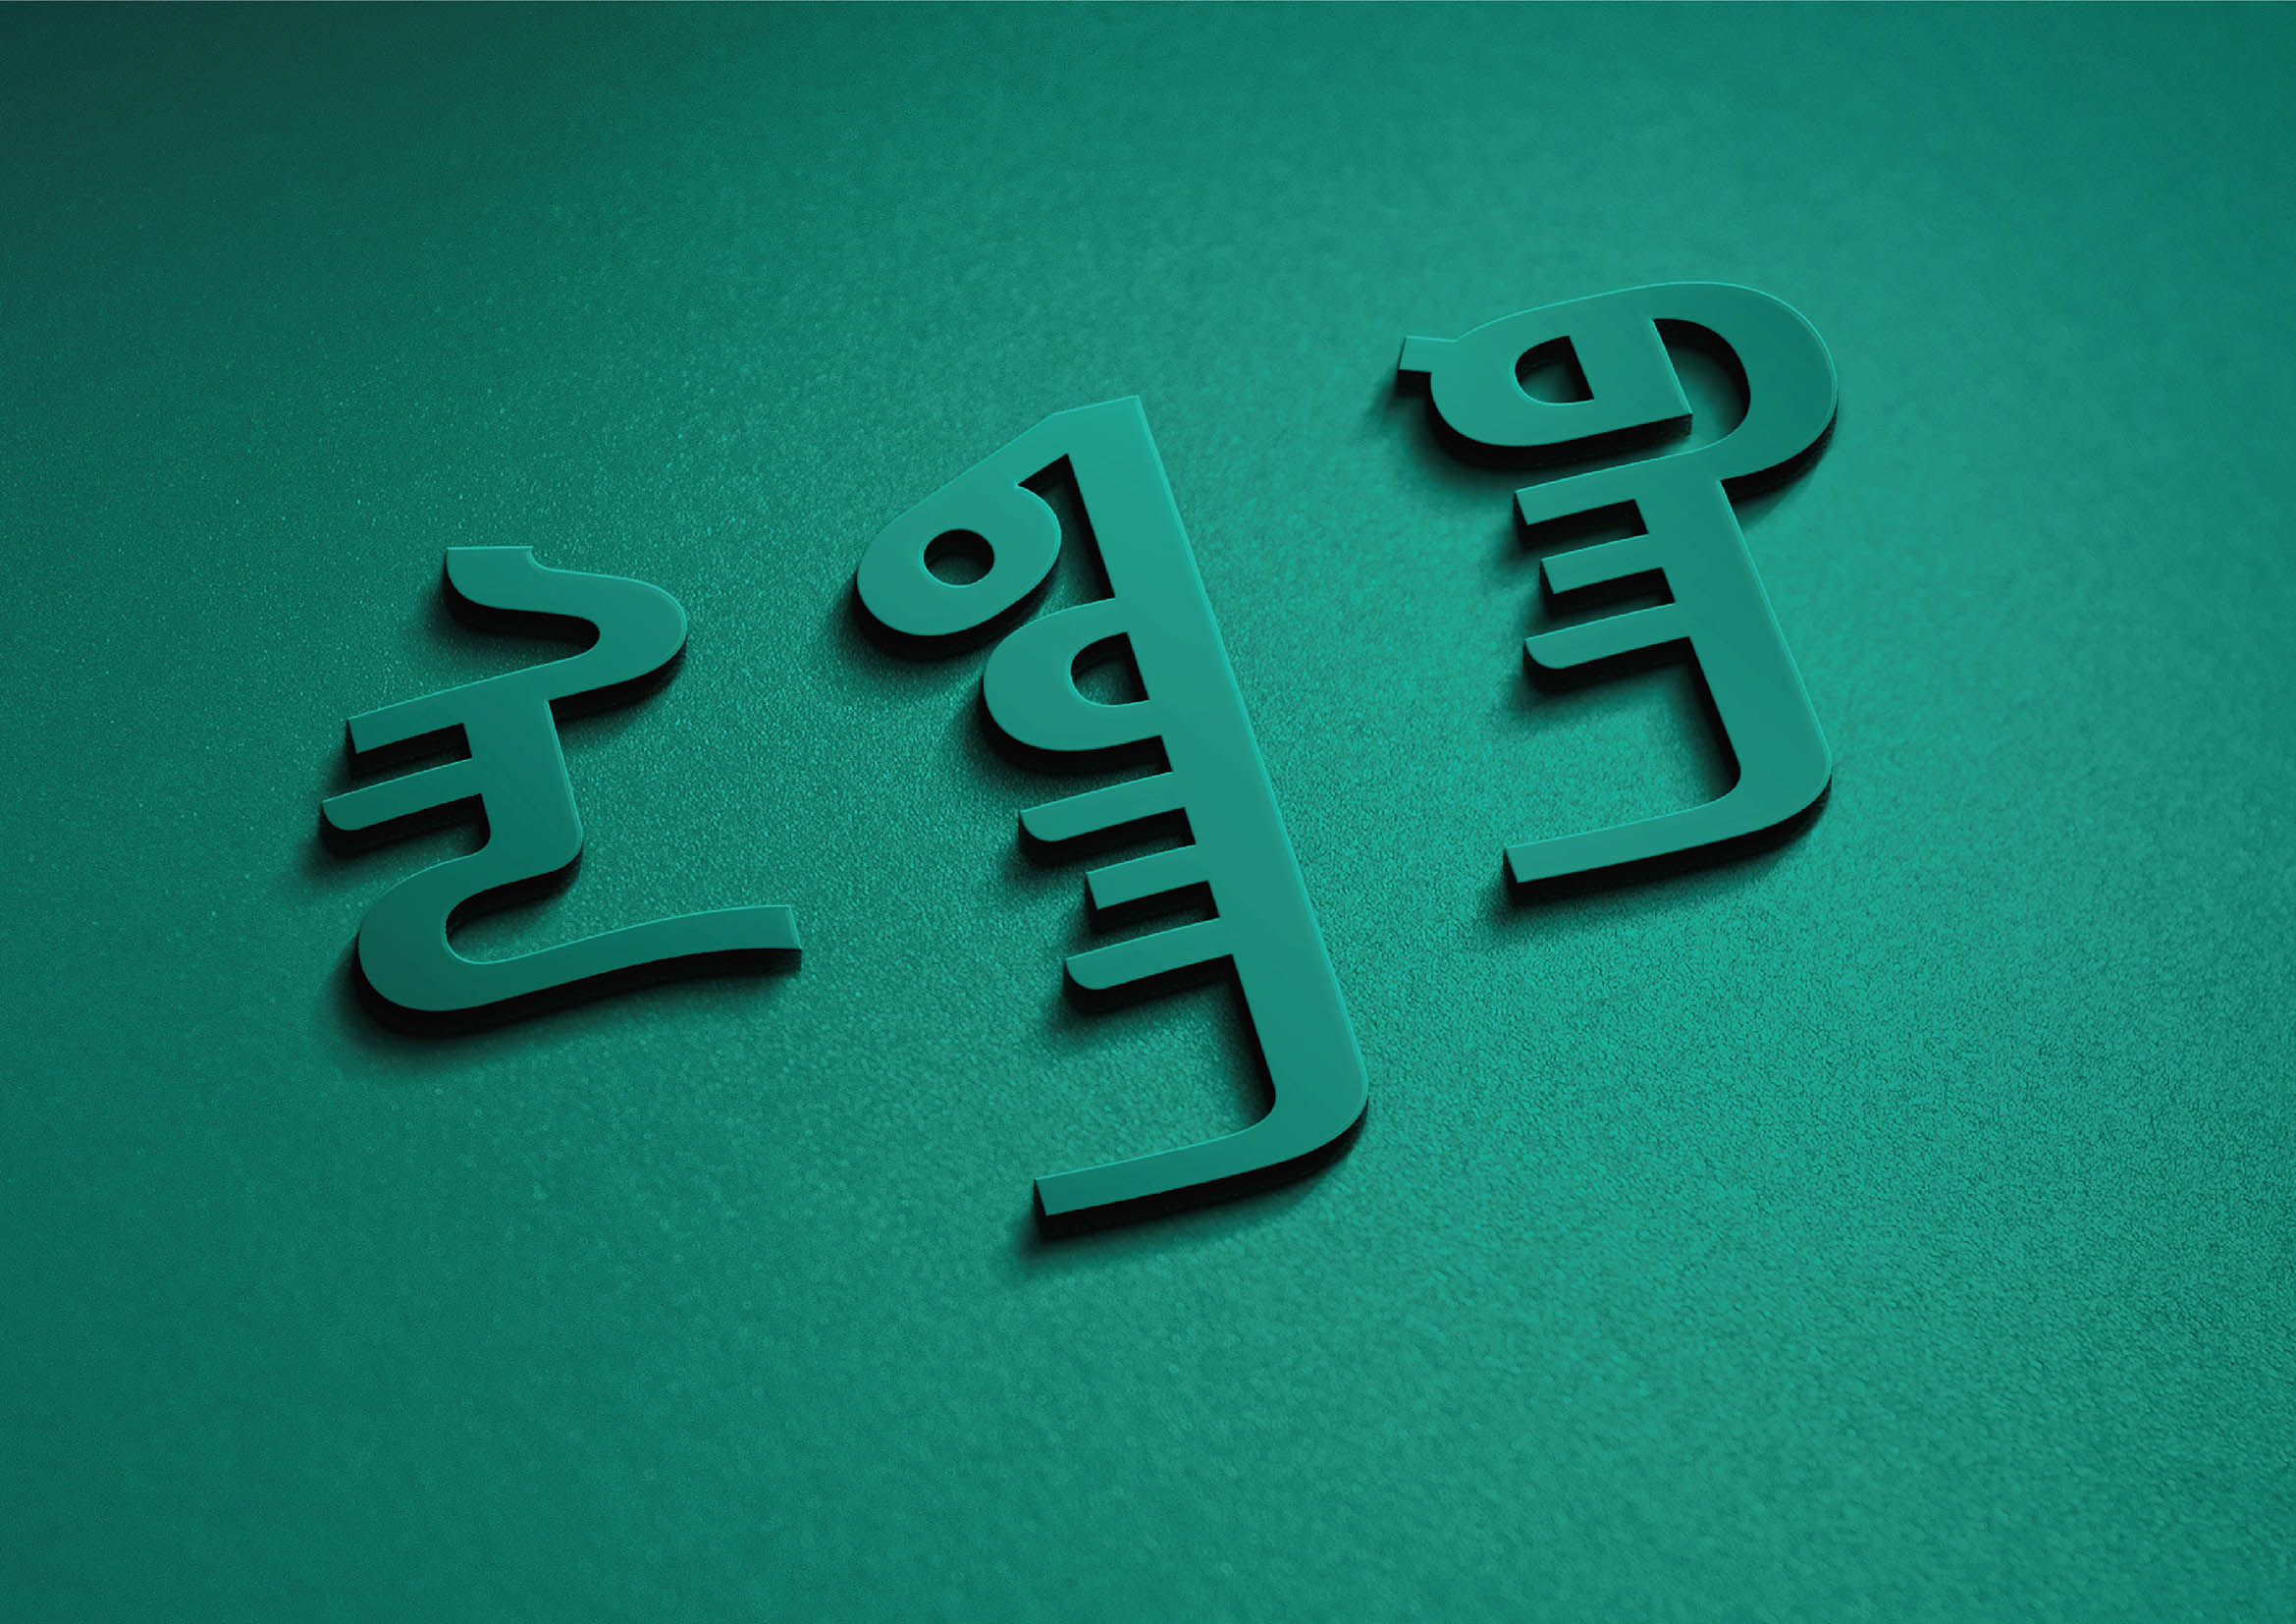 新东方蒙古文字体设计 第13张 新东方蒙古文字体设计 蒙古设计